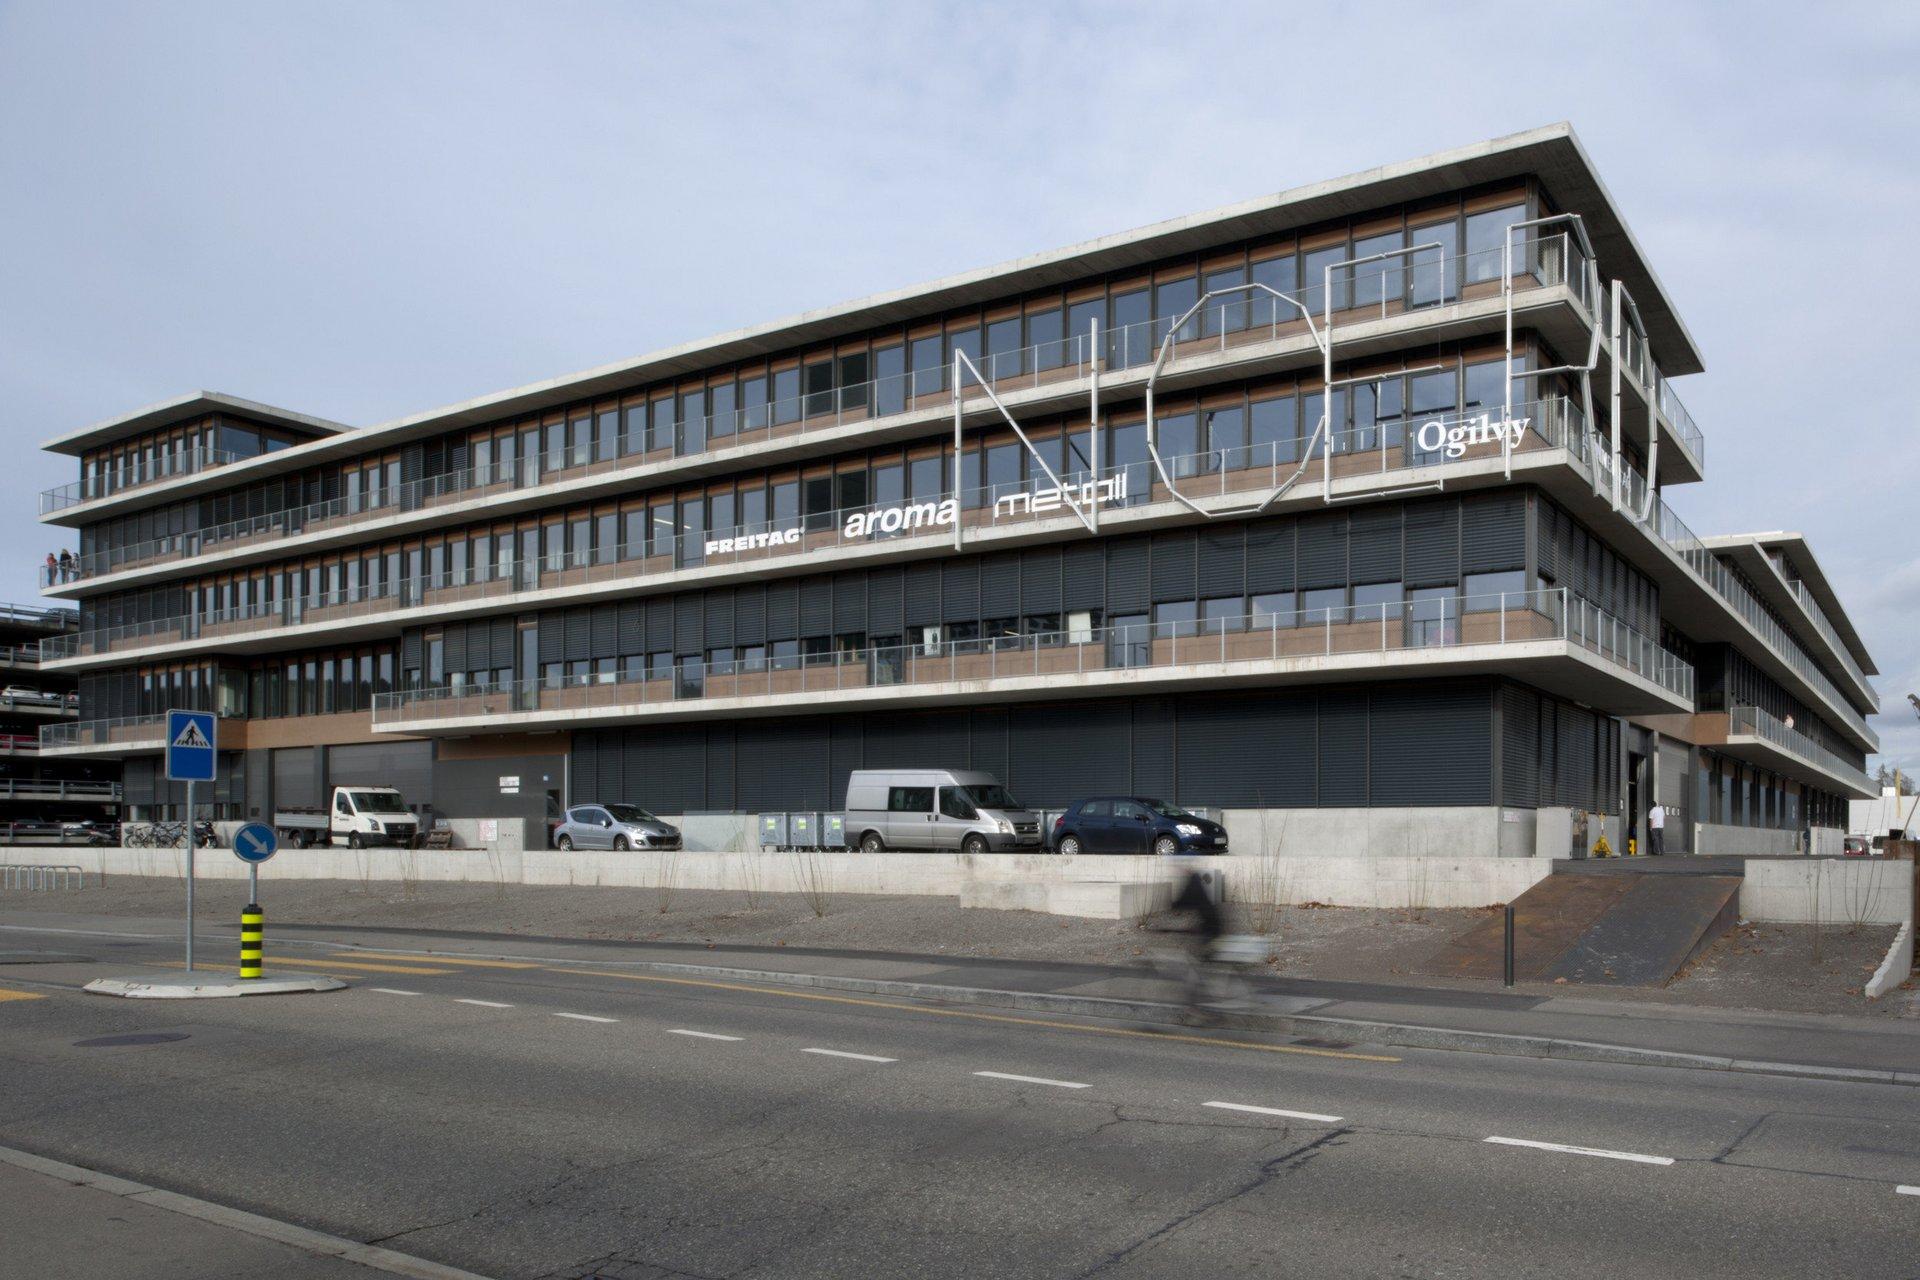 Mehrgeschossiges Gewerbehaus mit Aufschrift NOERD und grossflächiger Verglasung